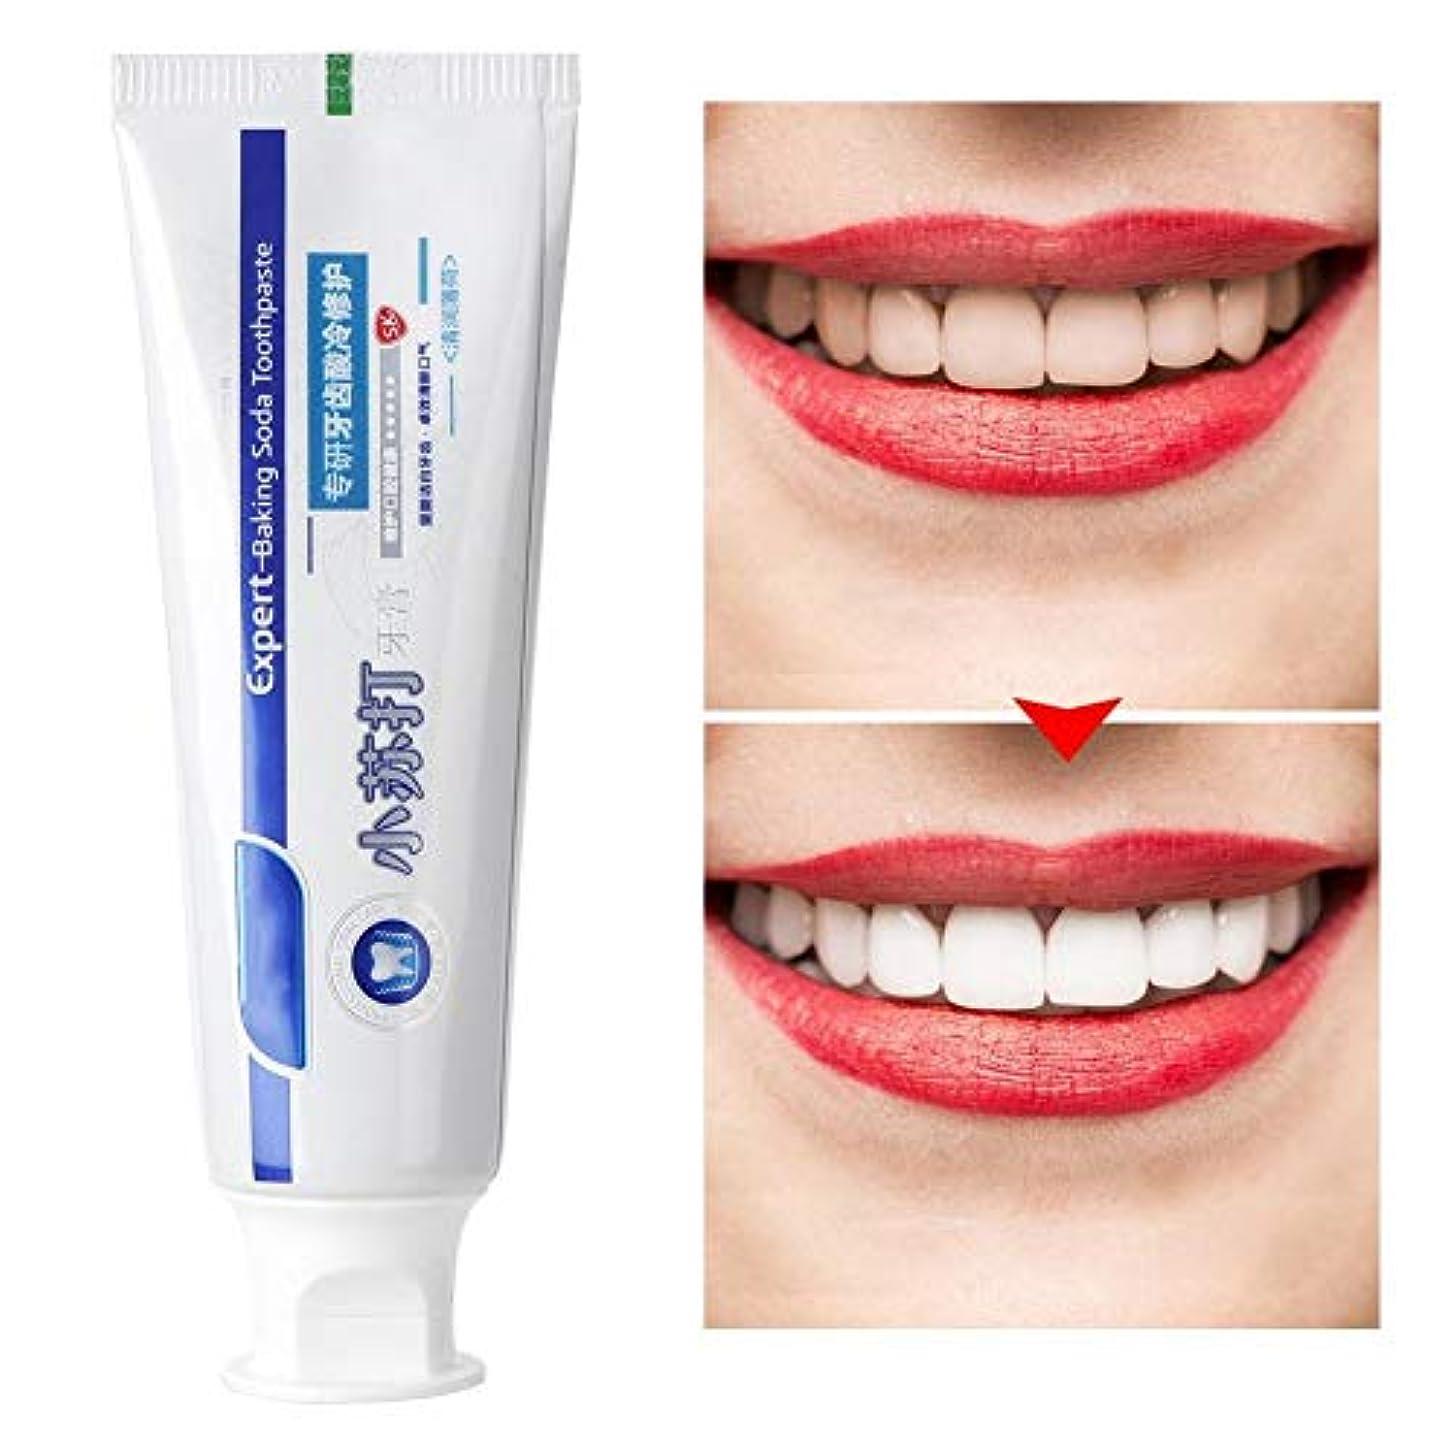 精緻化ロータリープット歯磨き粉、さわやかなミントを白くする重曹の歯磨き粉歯磨き粉オーラルケアツール100g(クリアミント)